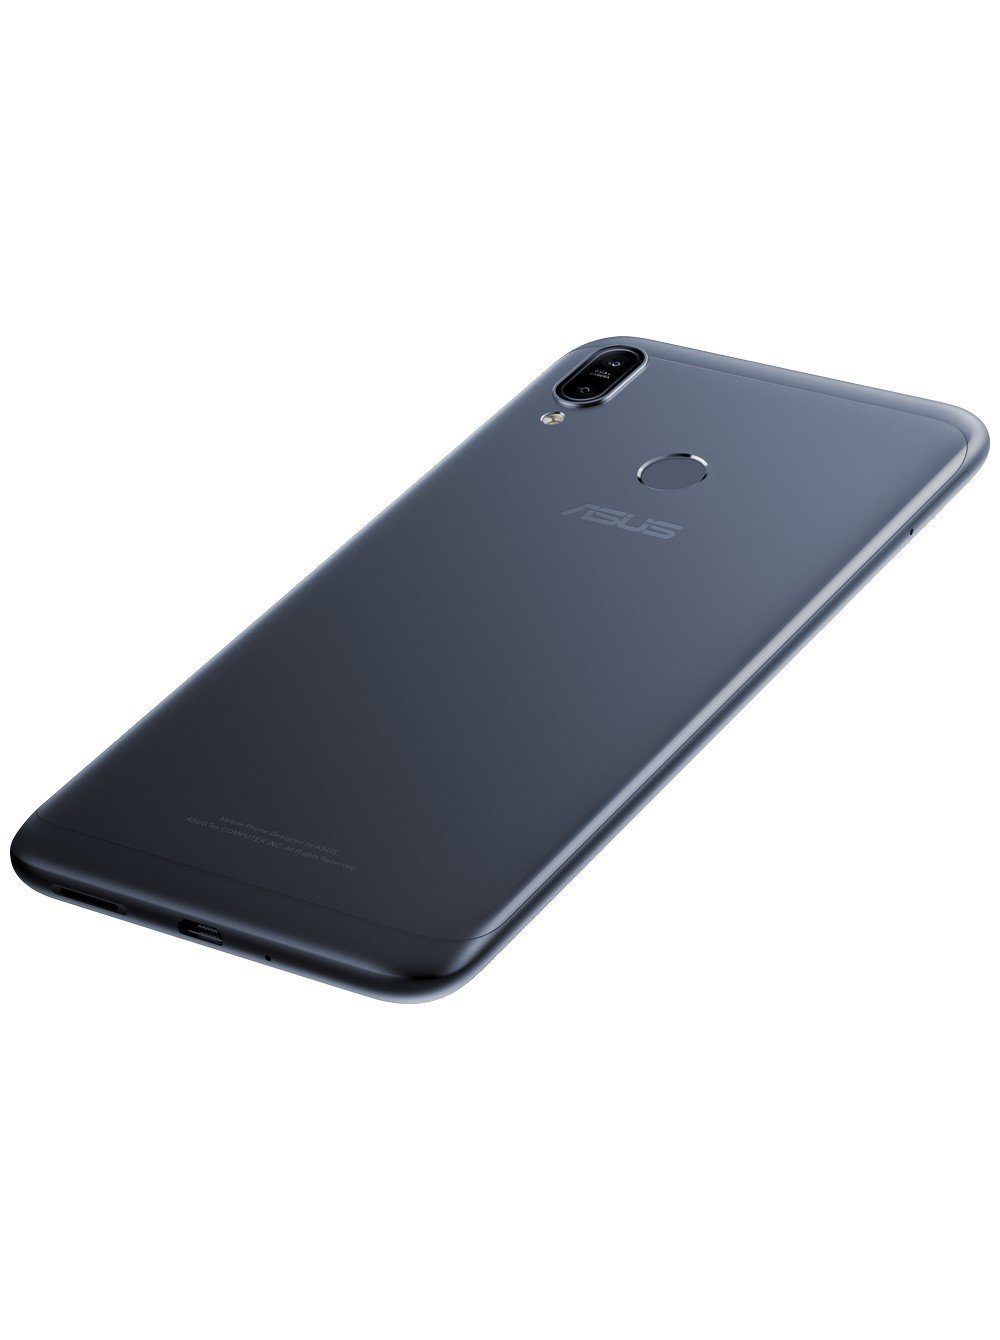 Смартфон Asus ZenFone Max (M2) 4/32G (ZB633KL-4A070EU) Black фото 13